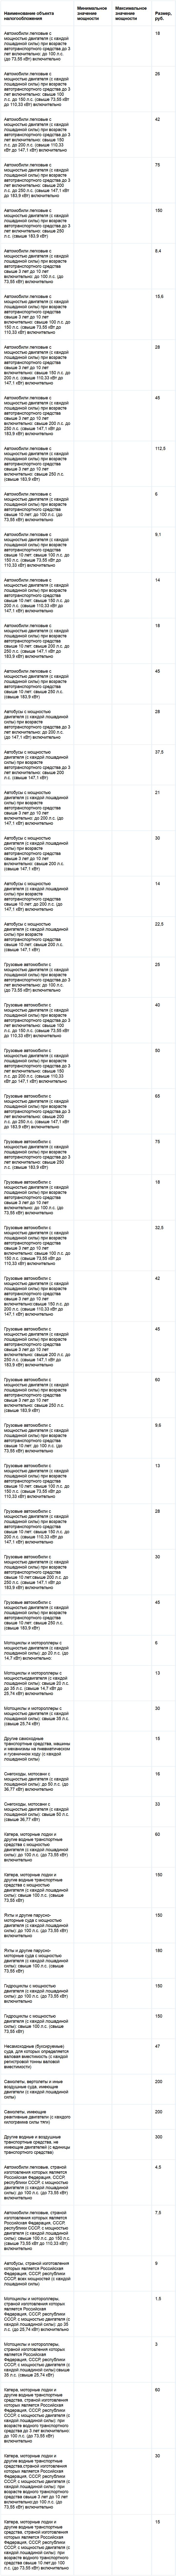 Ставки транспортного налога Приморского края